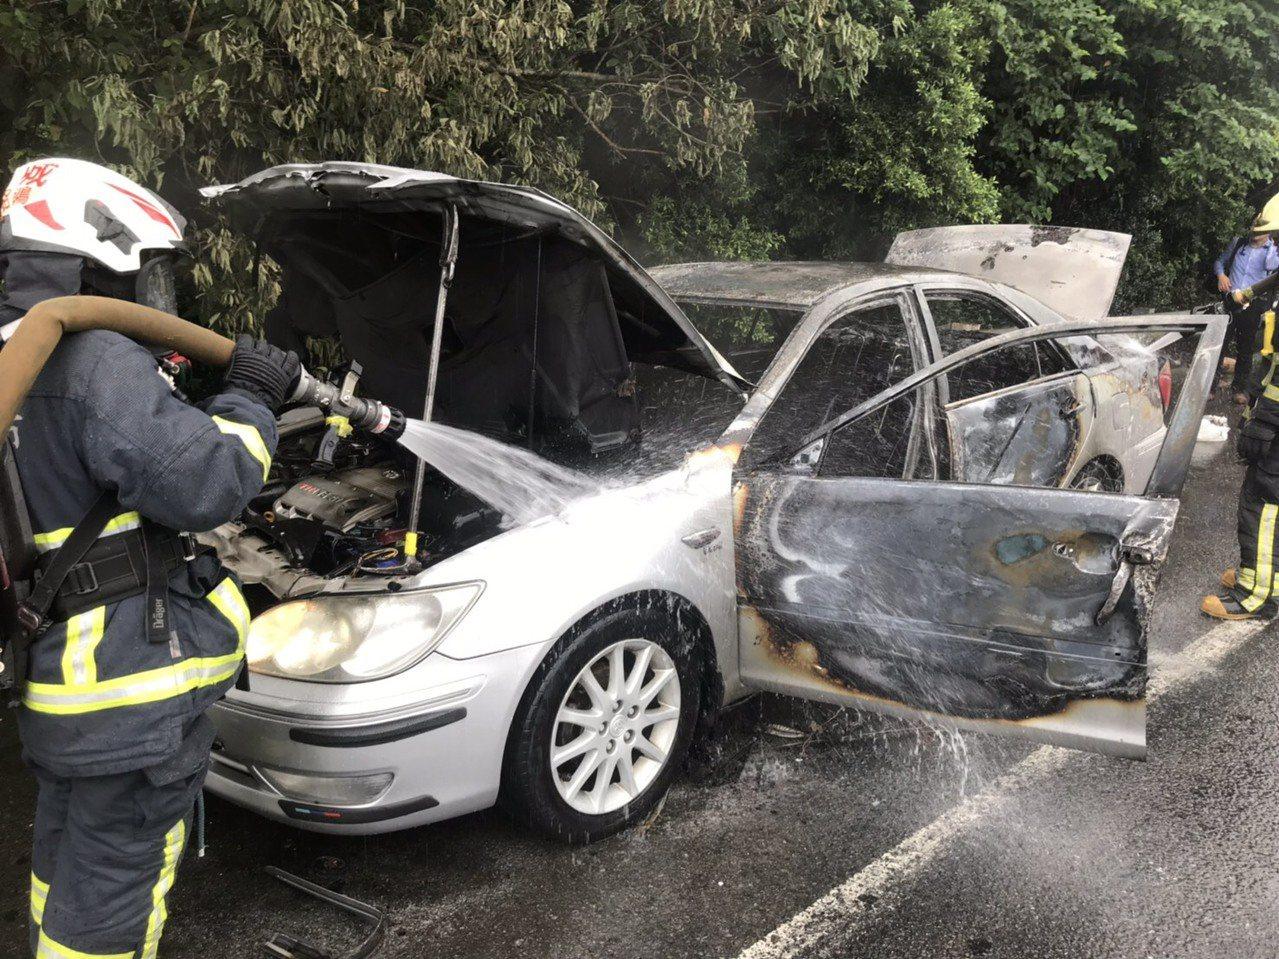 車輛因不明原因起火後,林男便停靠路肩並自行脫困。記者柯毓庭/翻攝